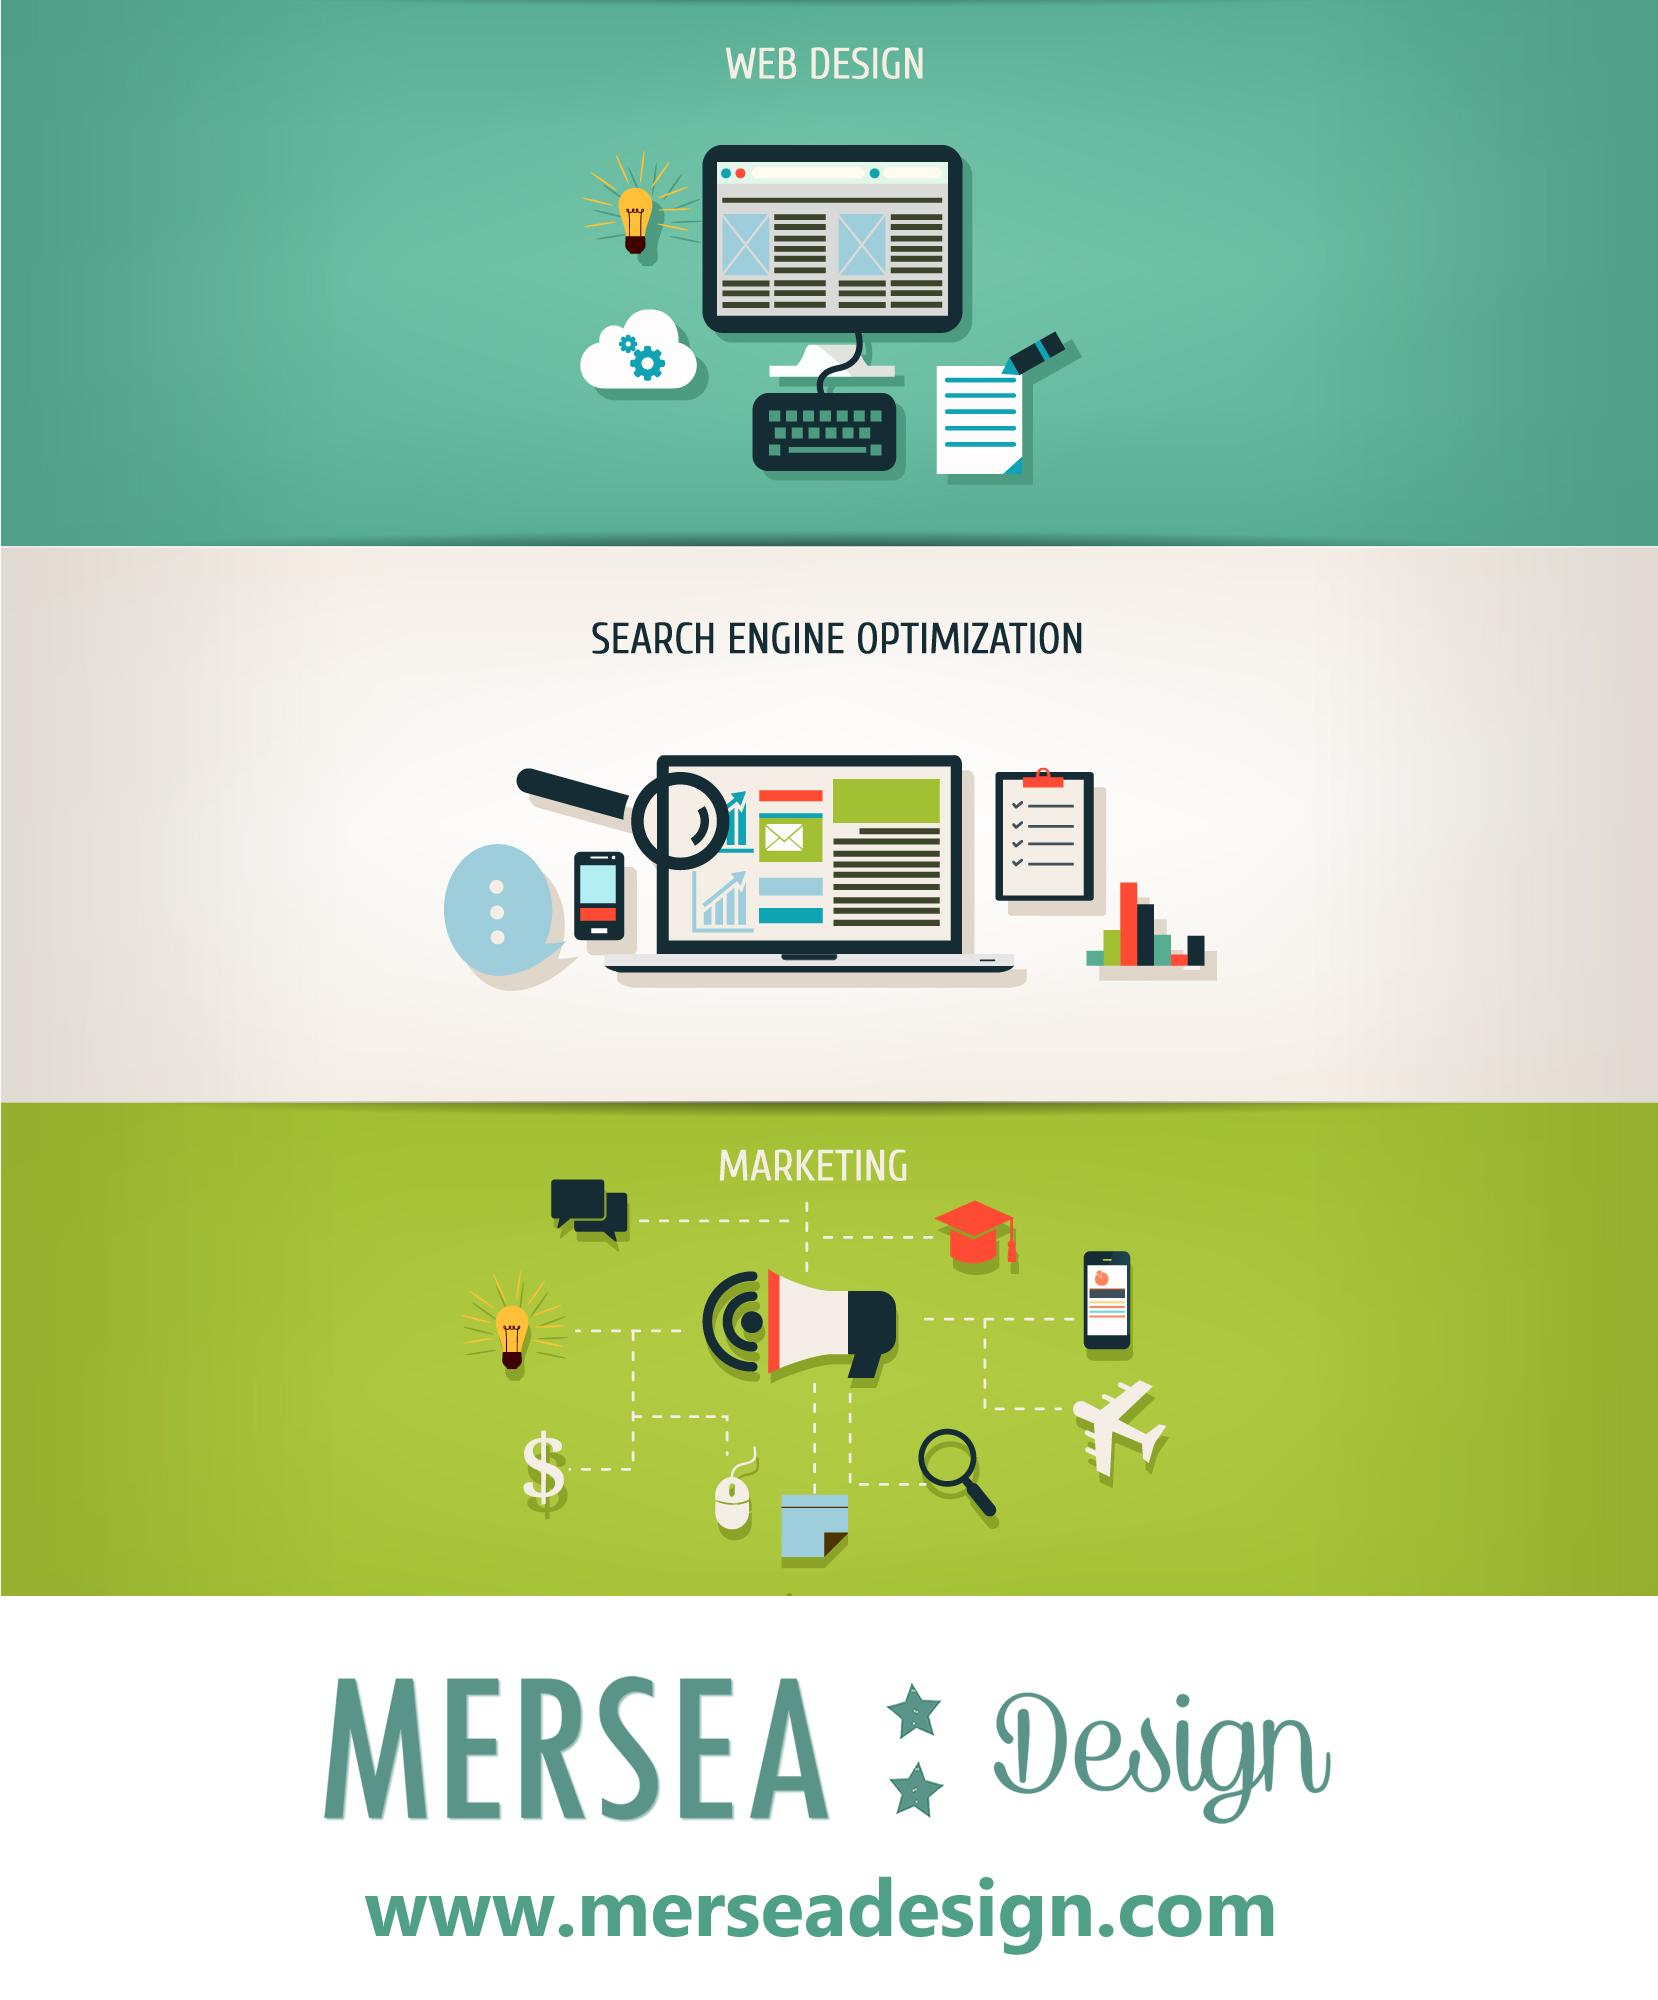 essexwebdesign